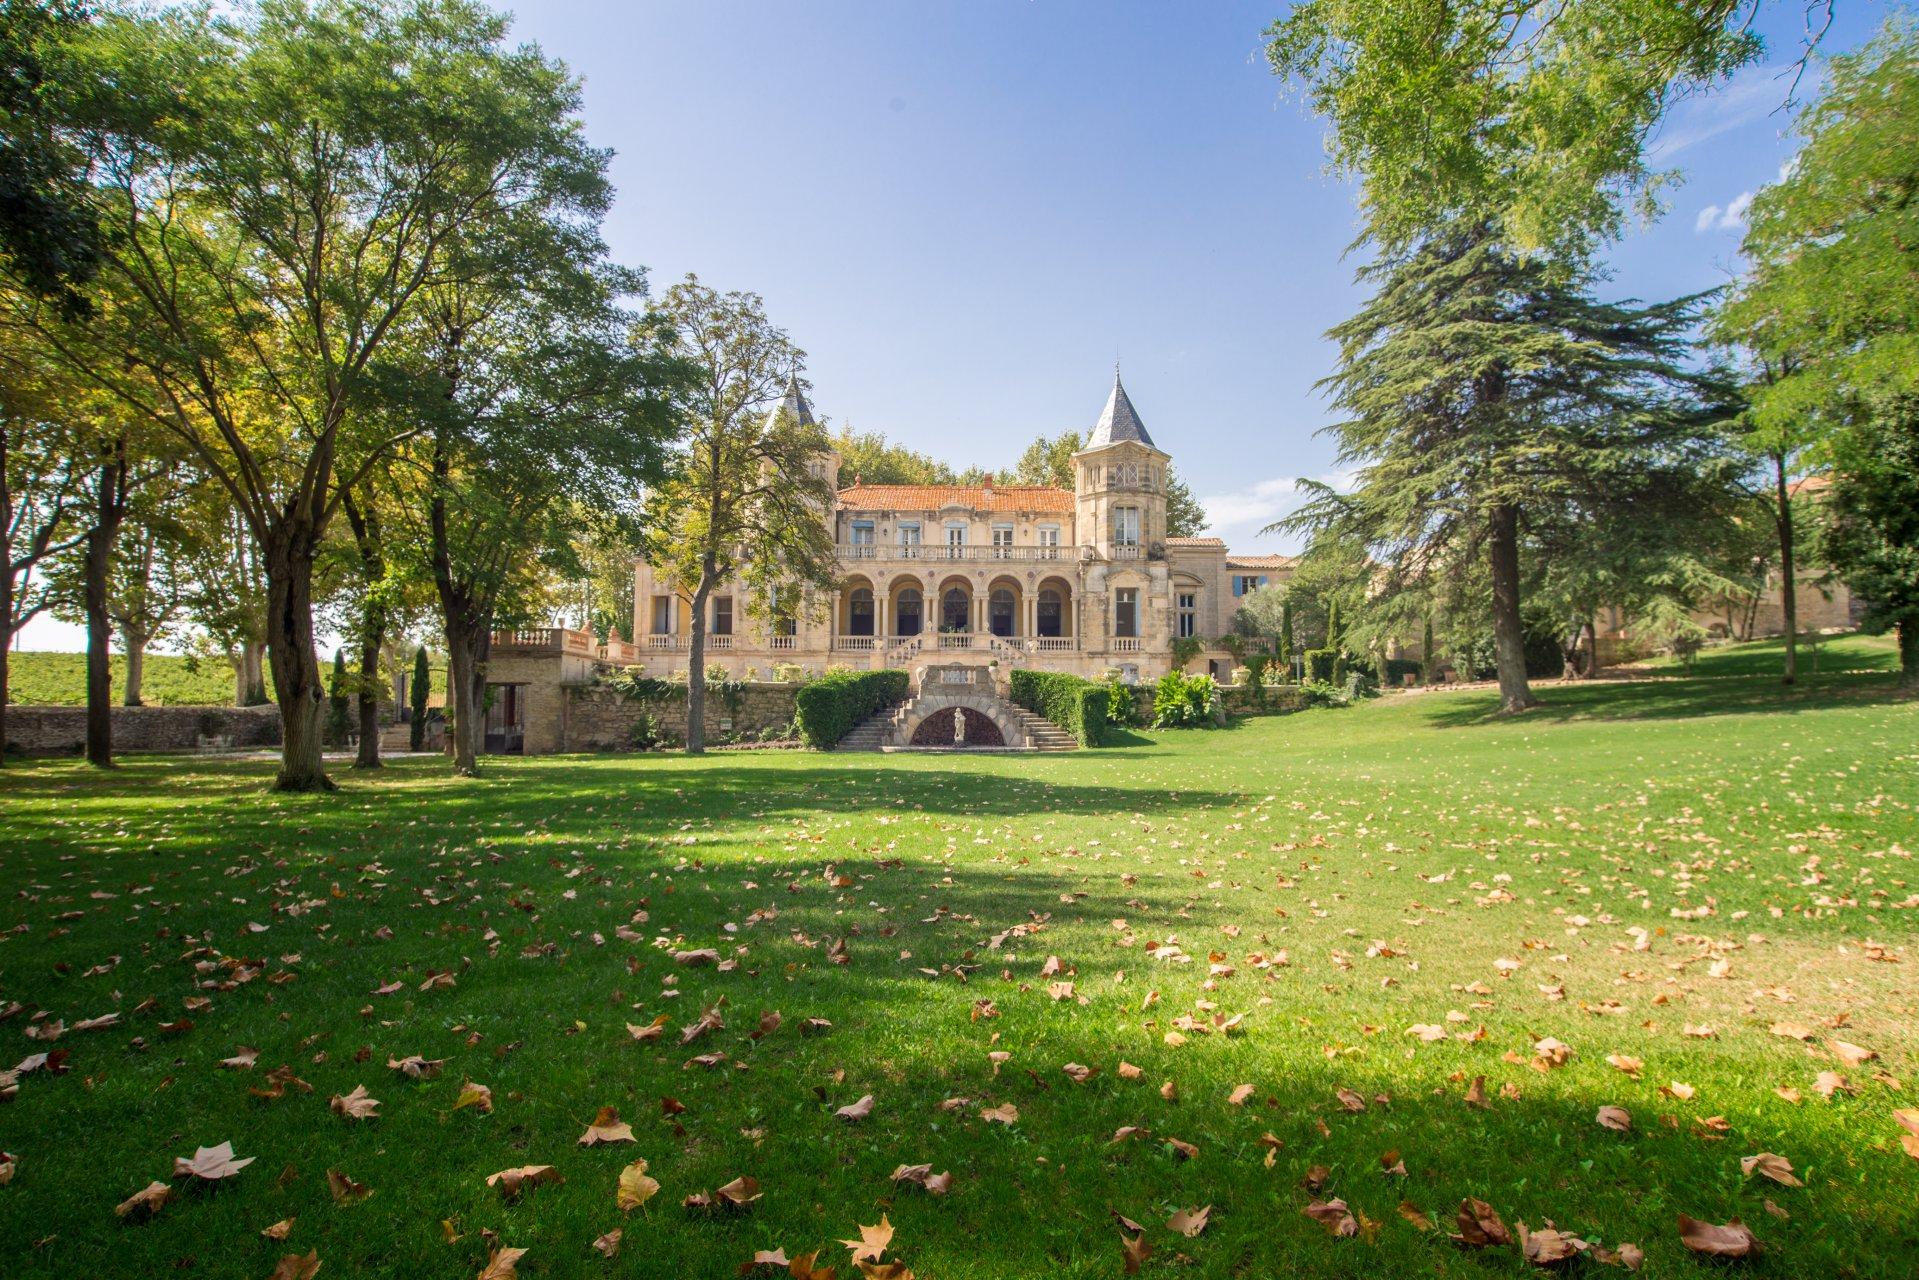 château ; parc ; arbres ; espace ; vert ; extérieur ; jardin ; feuilles ; entrée ; escaliers